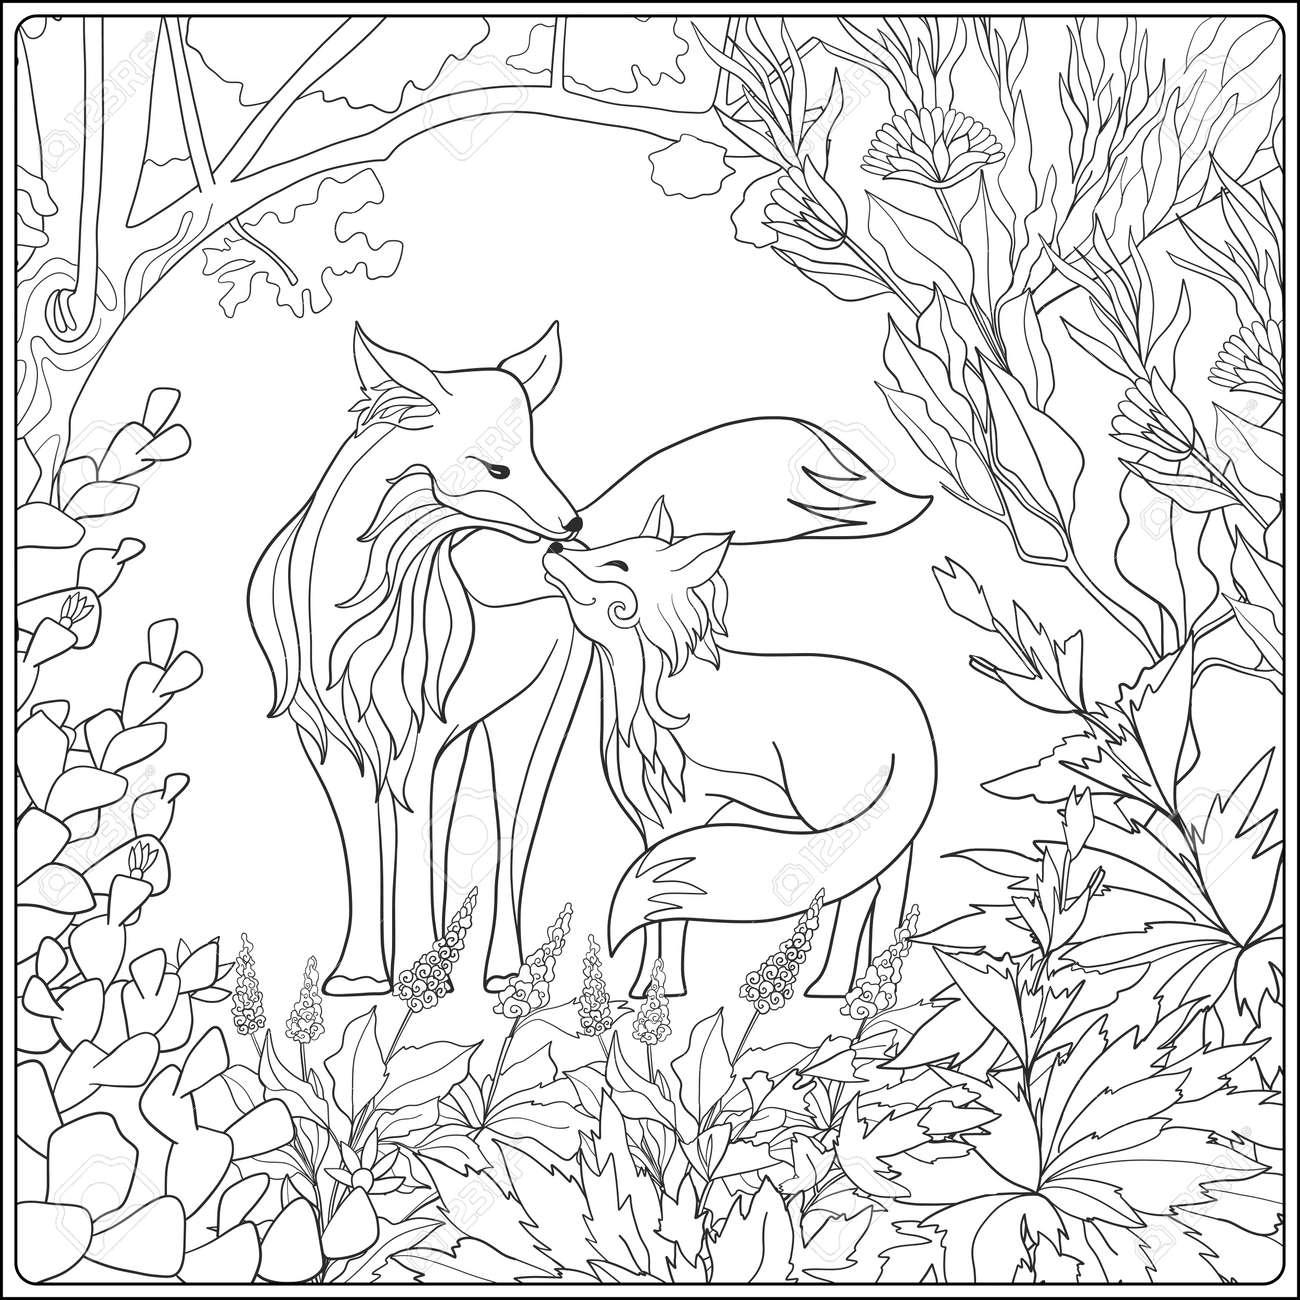 Libro De Colorante Para Los Adultos Y Niños Mayores Dibujo Para Colorear Con El Zorro Encantadora Madre Y Su Pequeño Zorro En El Jardín